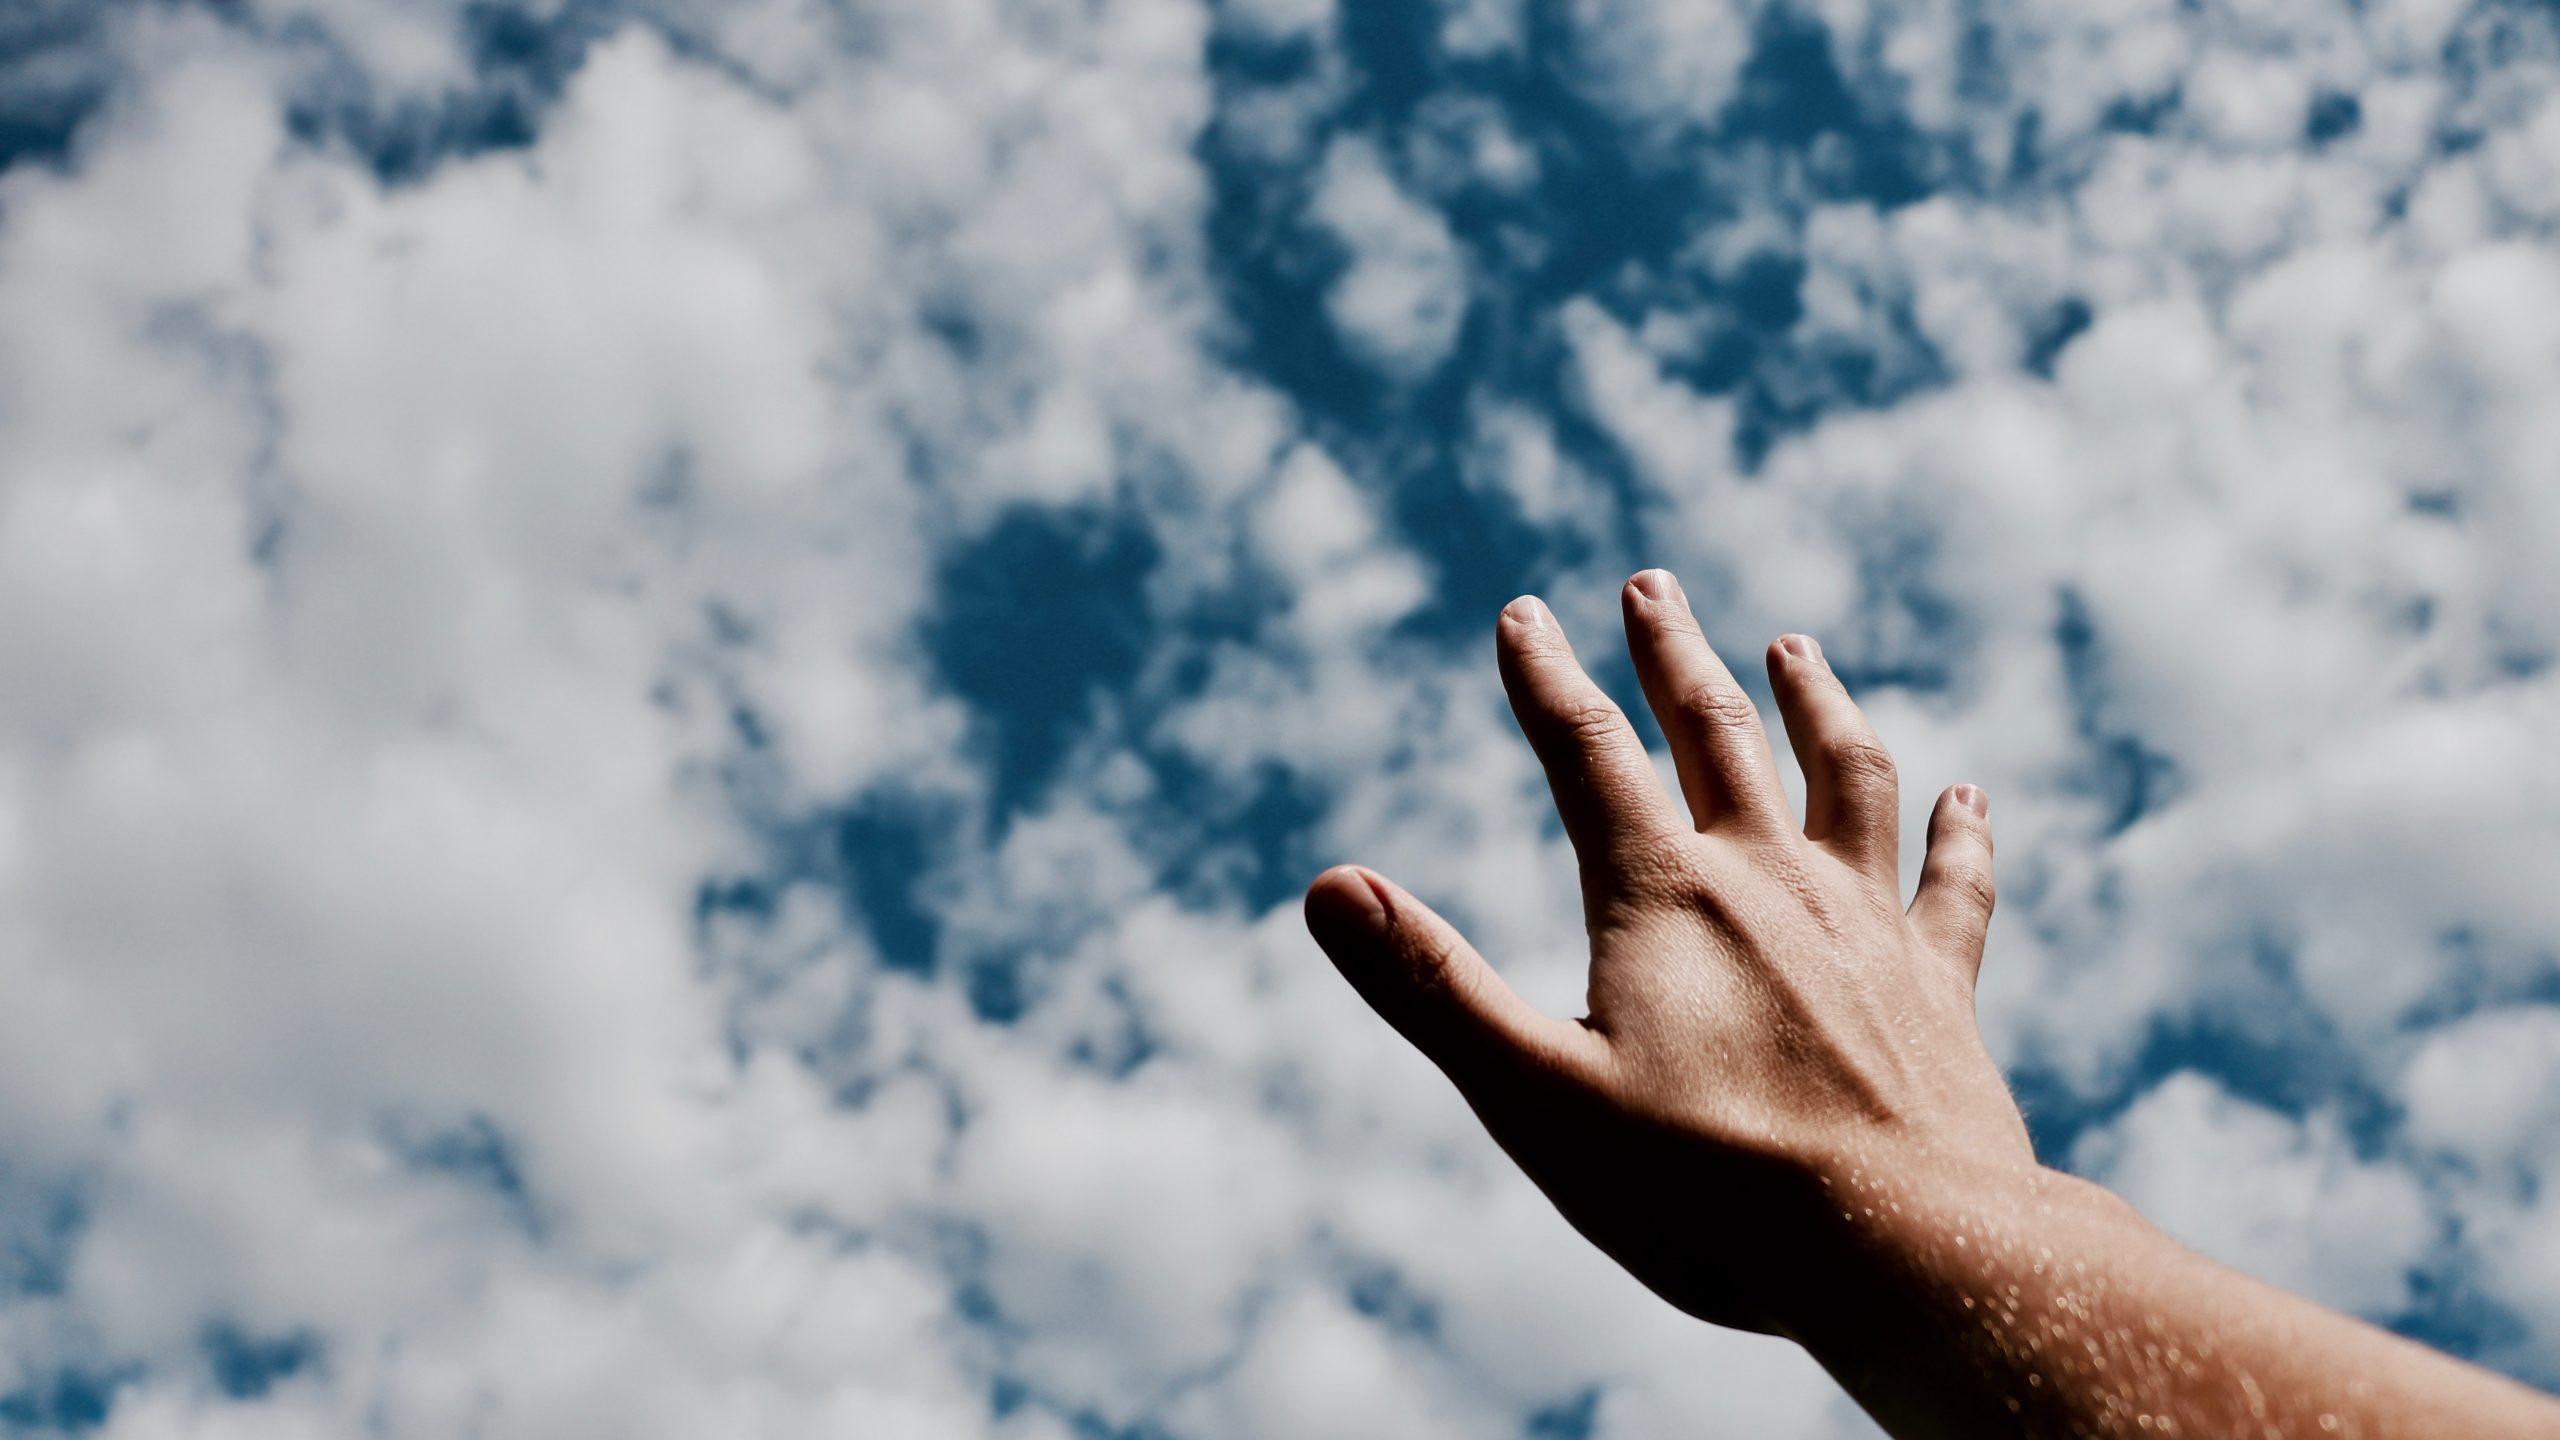 Daglig online-morgenbøn